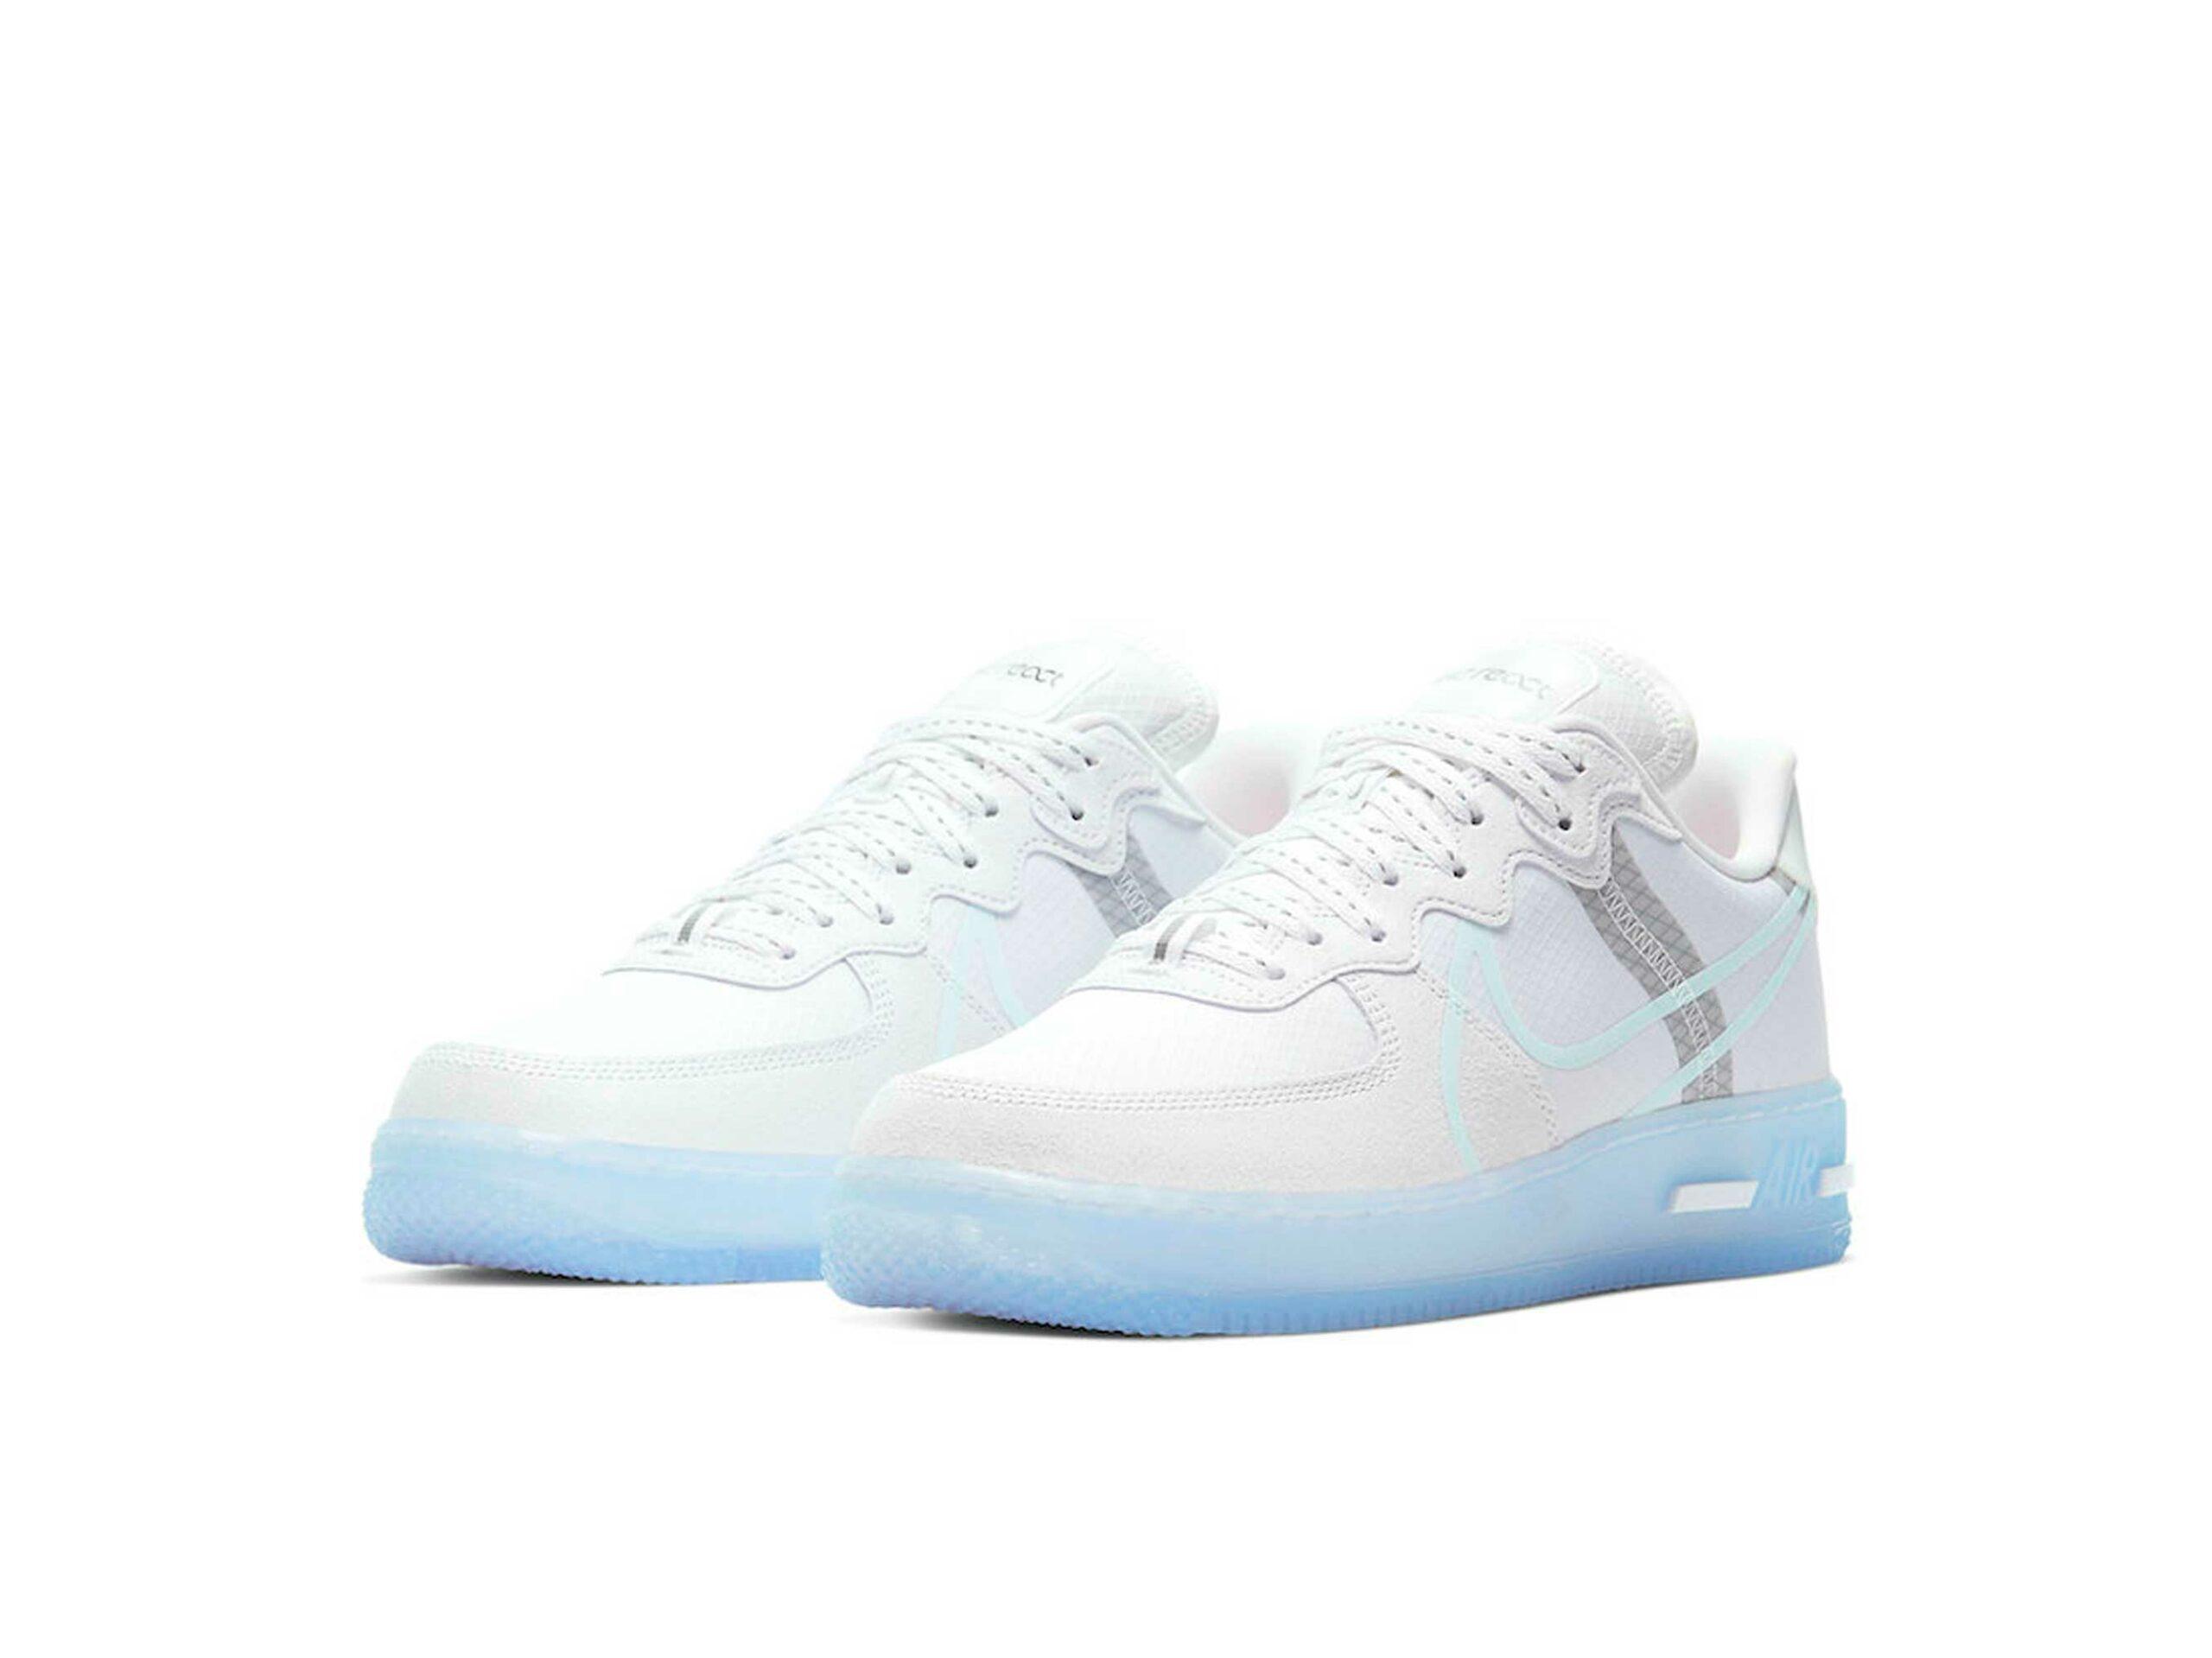 nike air force 1 react white ice CQ8879_100 купить